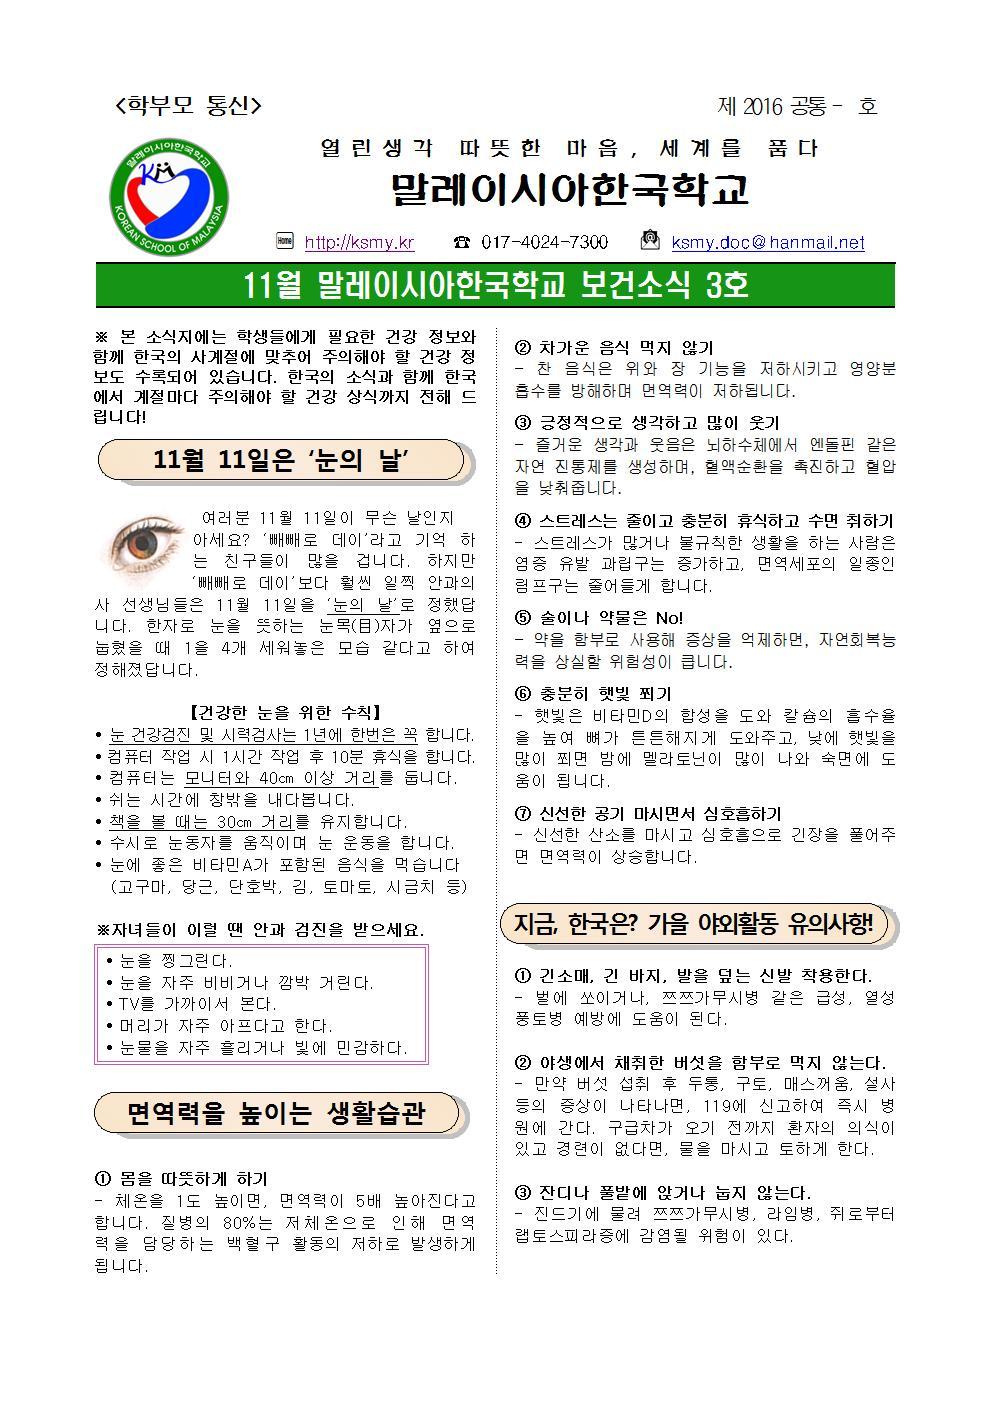 11월 보건소식지 가정통신문001.jpg